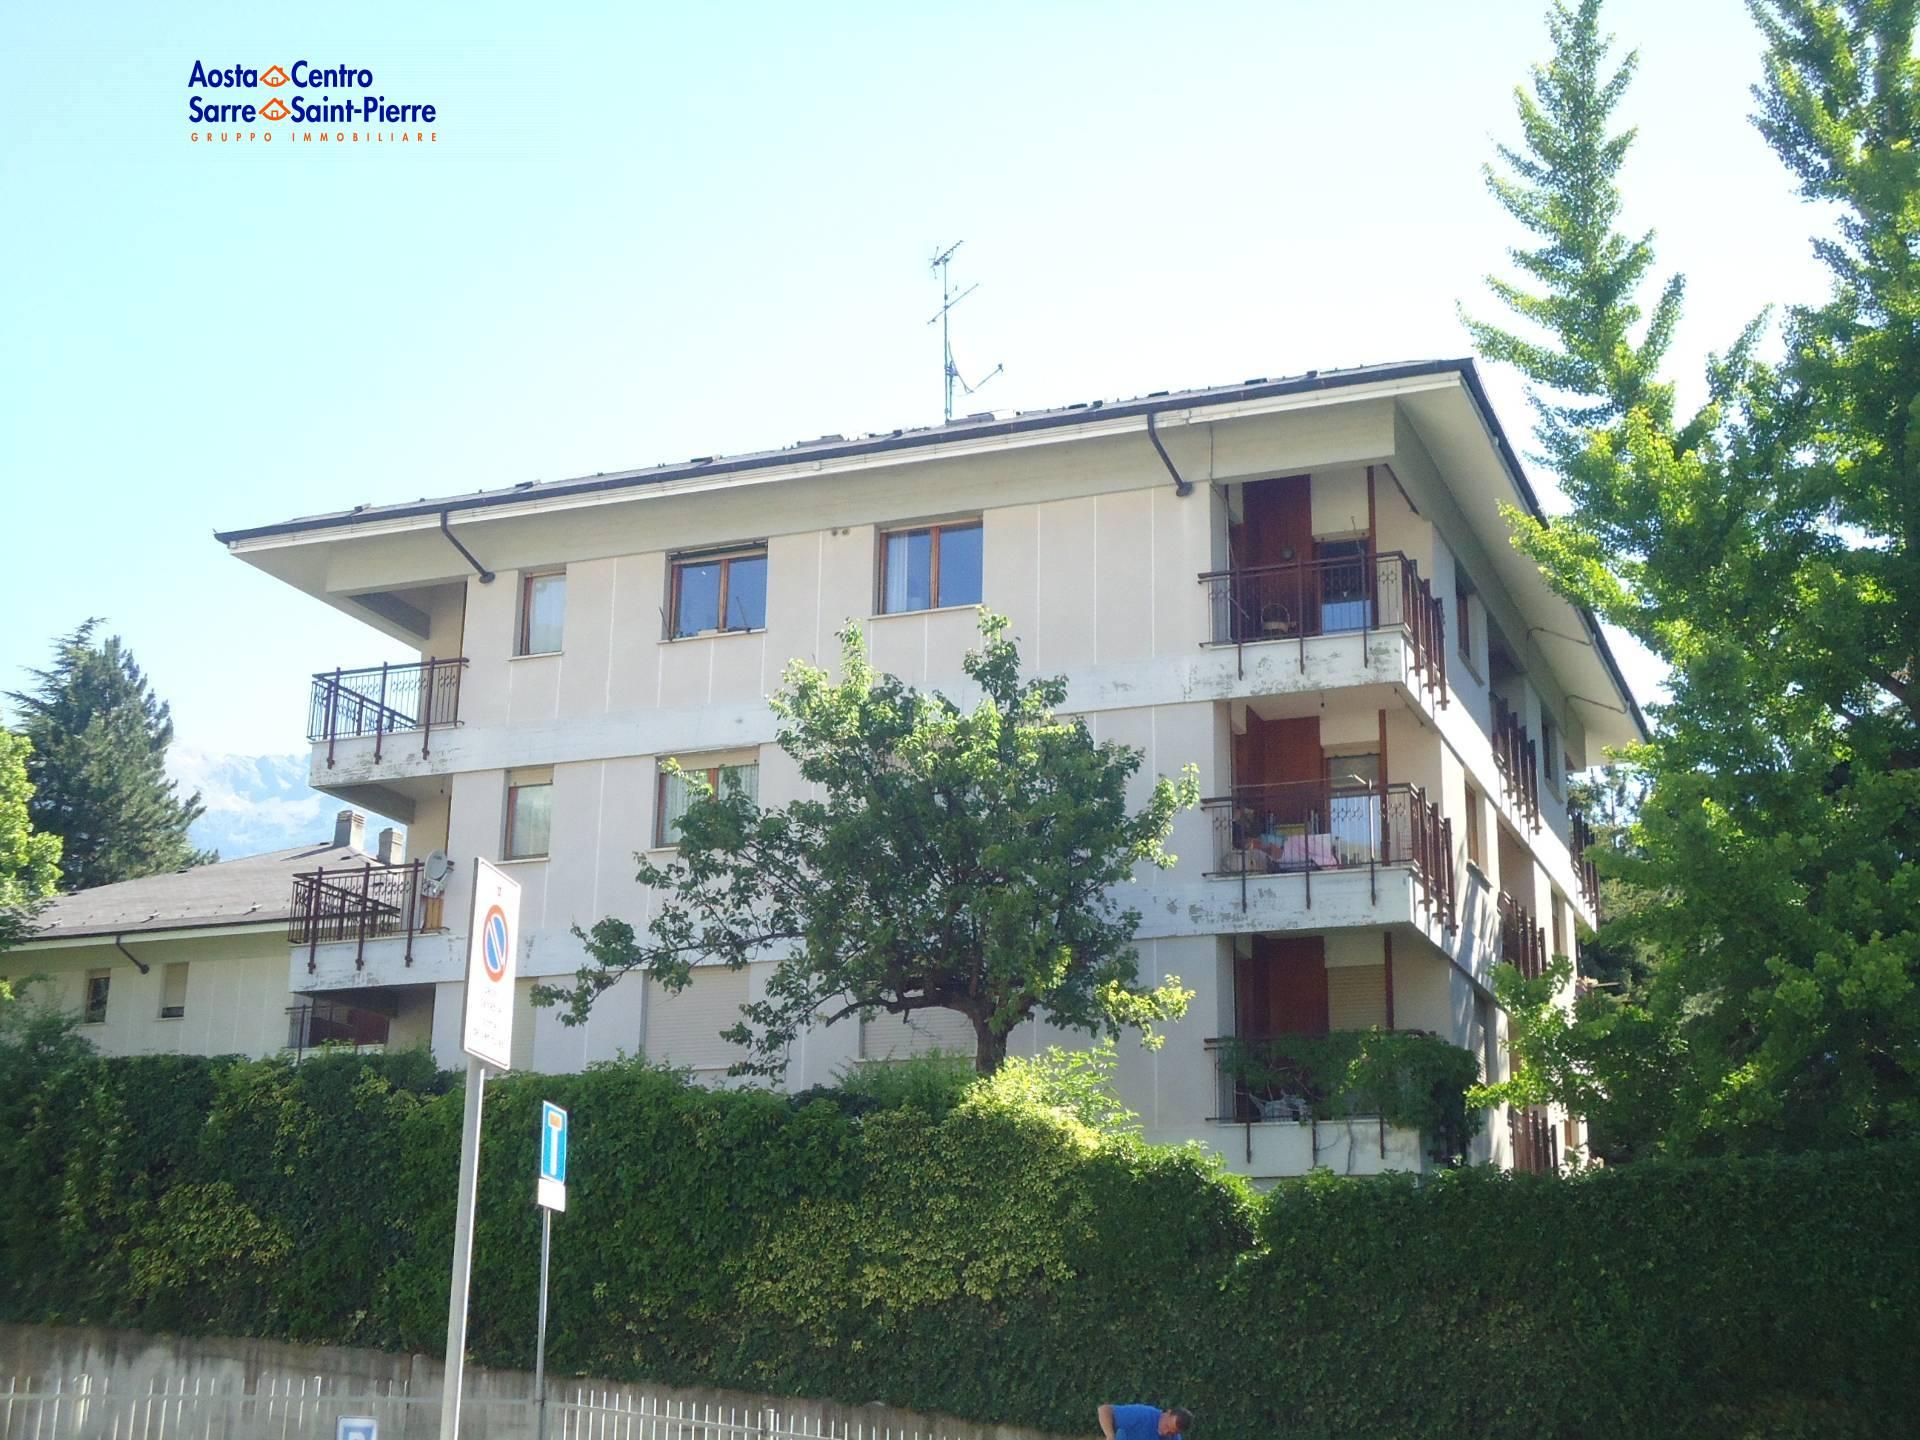 Appartamento in vendita a Aosta, 5 locali, prezzo € 250.000   PortaleAgenzieImmobiliari.it